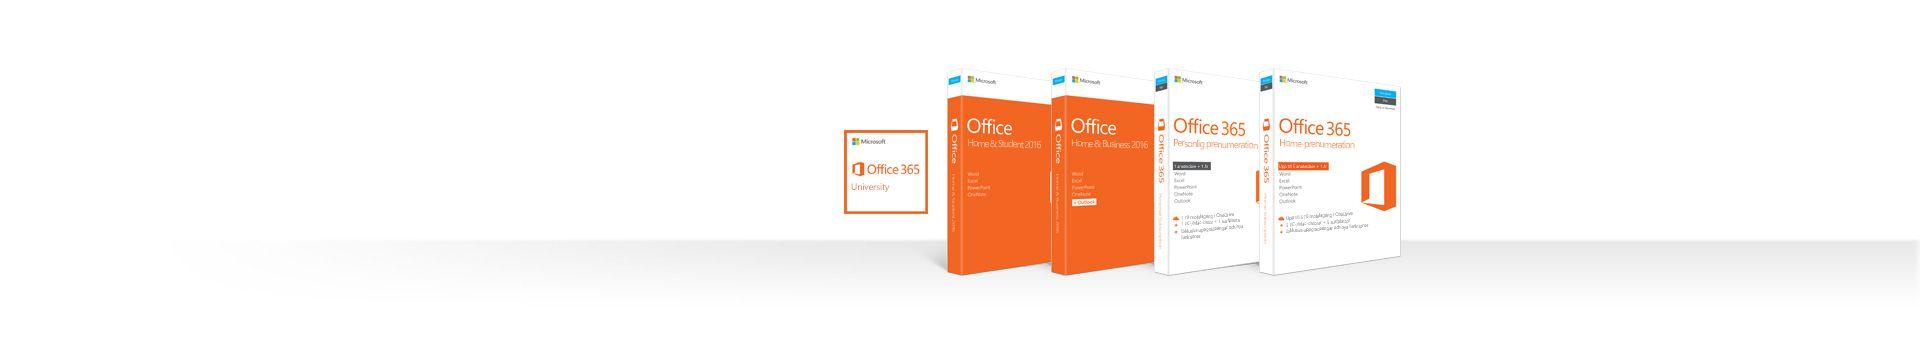 En rad med rutor som representerar Office-prenumeration och fristående produkter för Mac